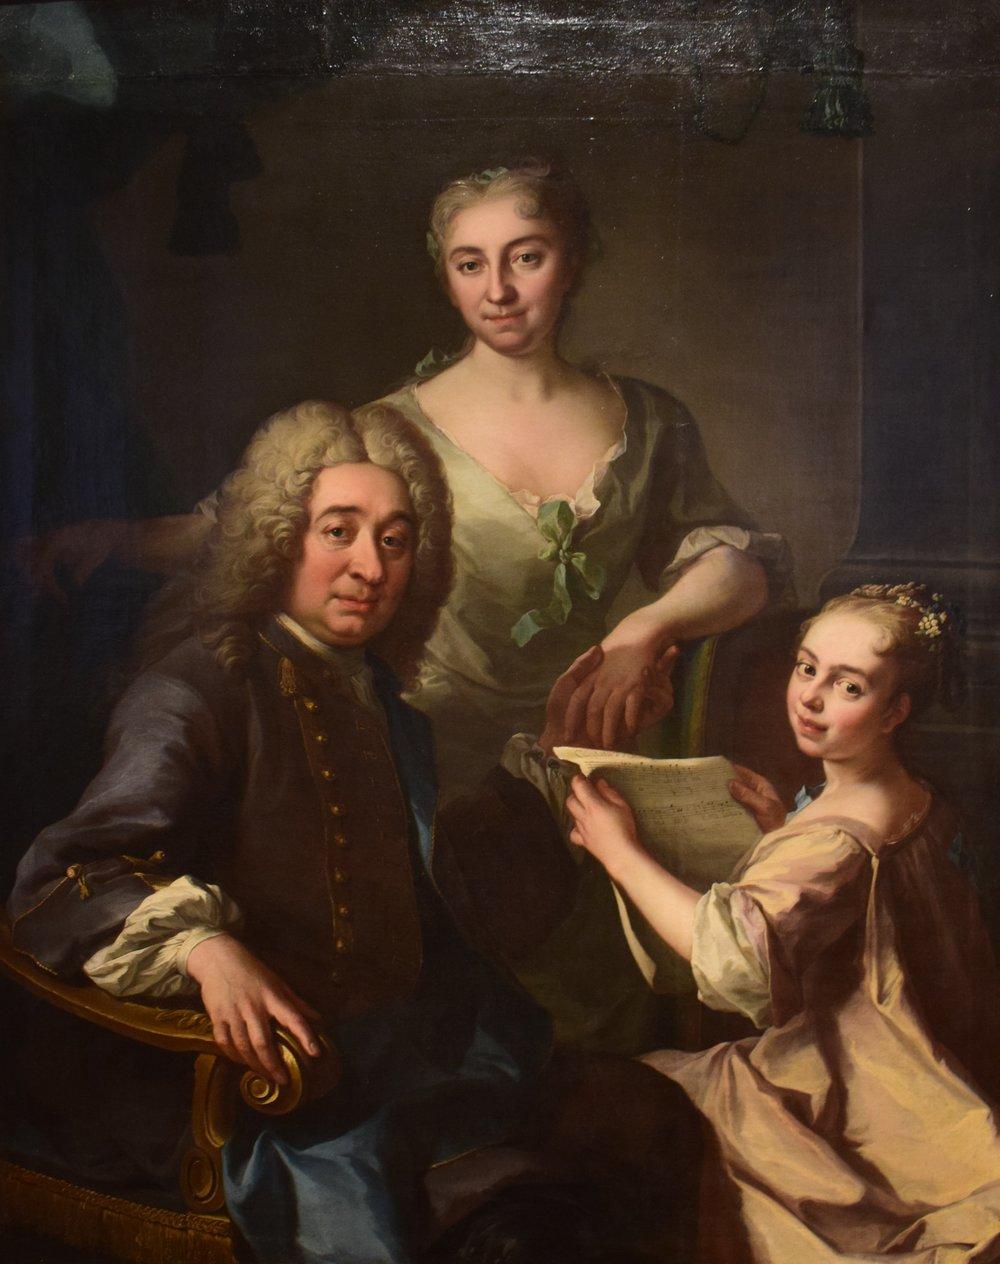 Martin van Mijtens den yngre, Familjen Carlos Grill (The Carlos Grill Family)